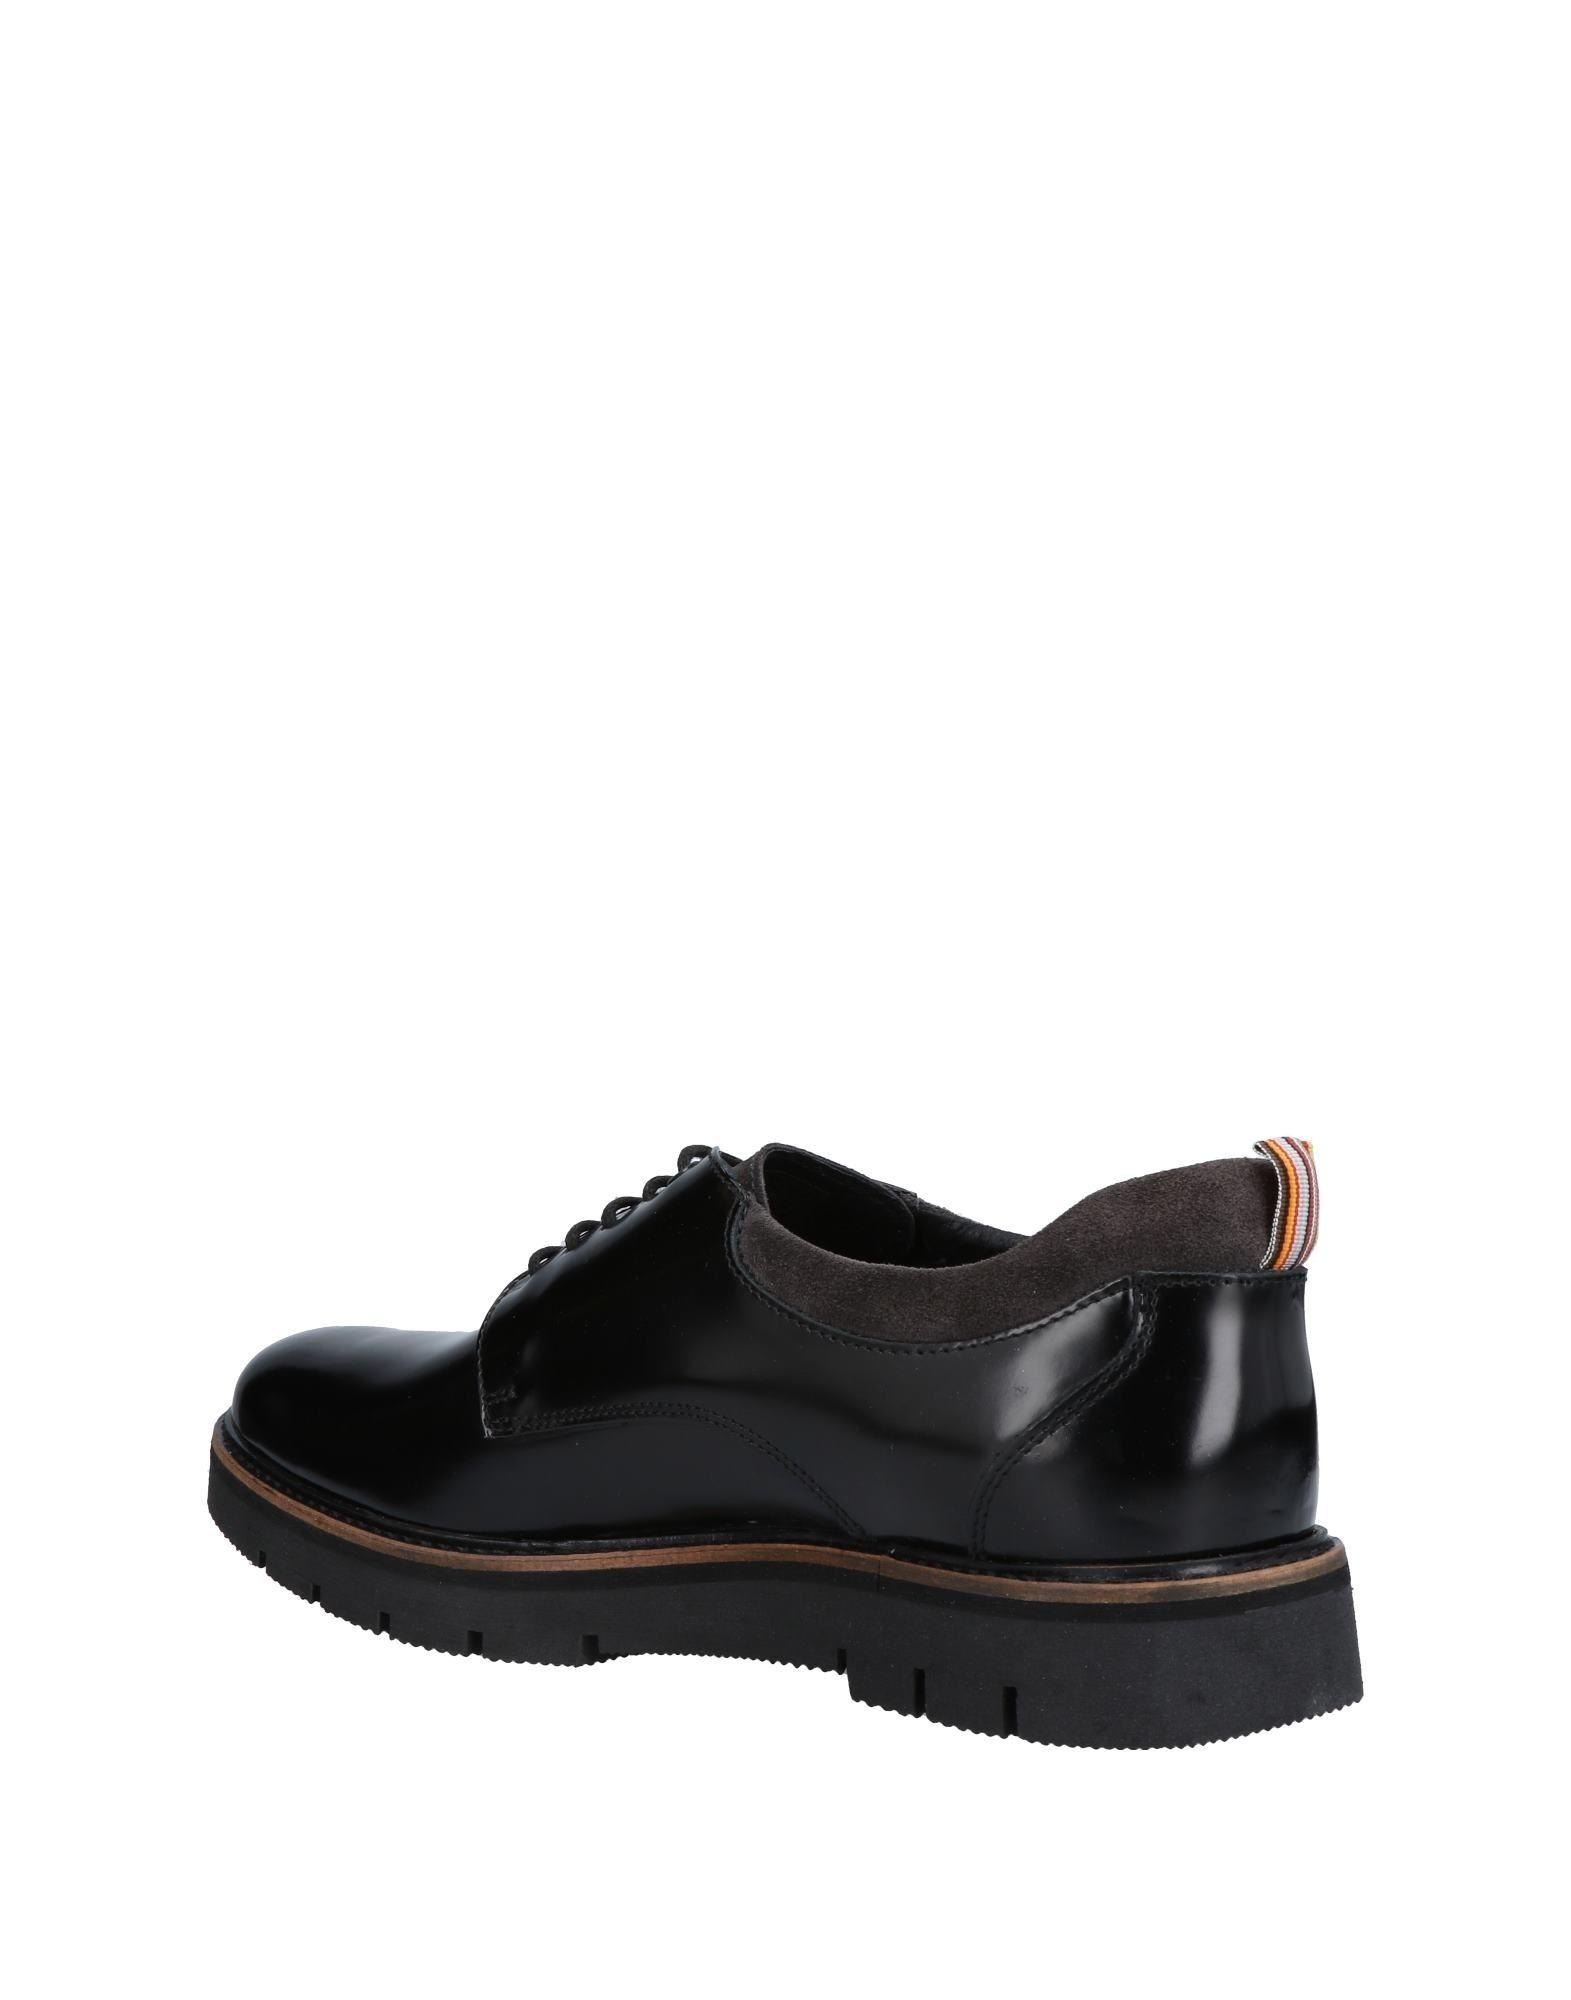 Rabatt echte Schuhe Exibit Schnürschuhe  Herren  Schnürschuhe 11465186DL 1a156d